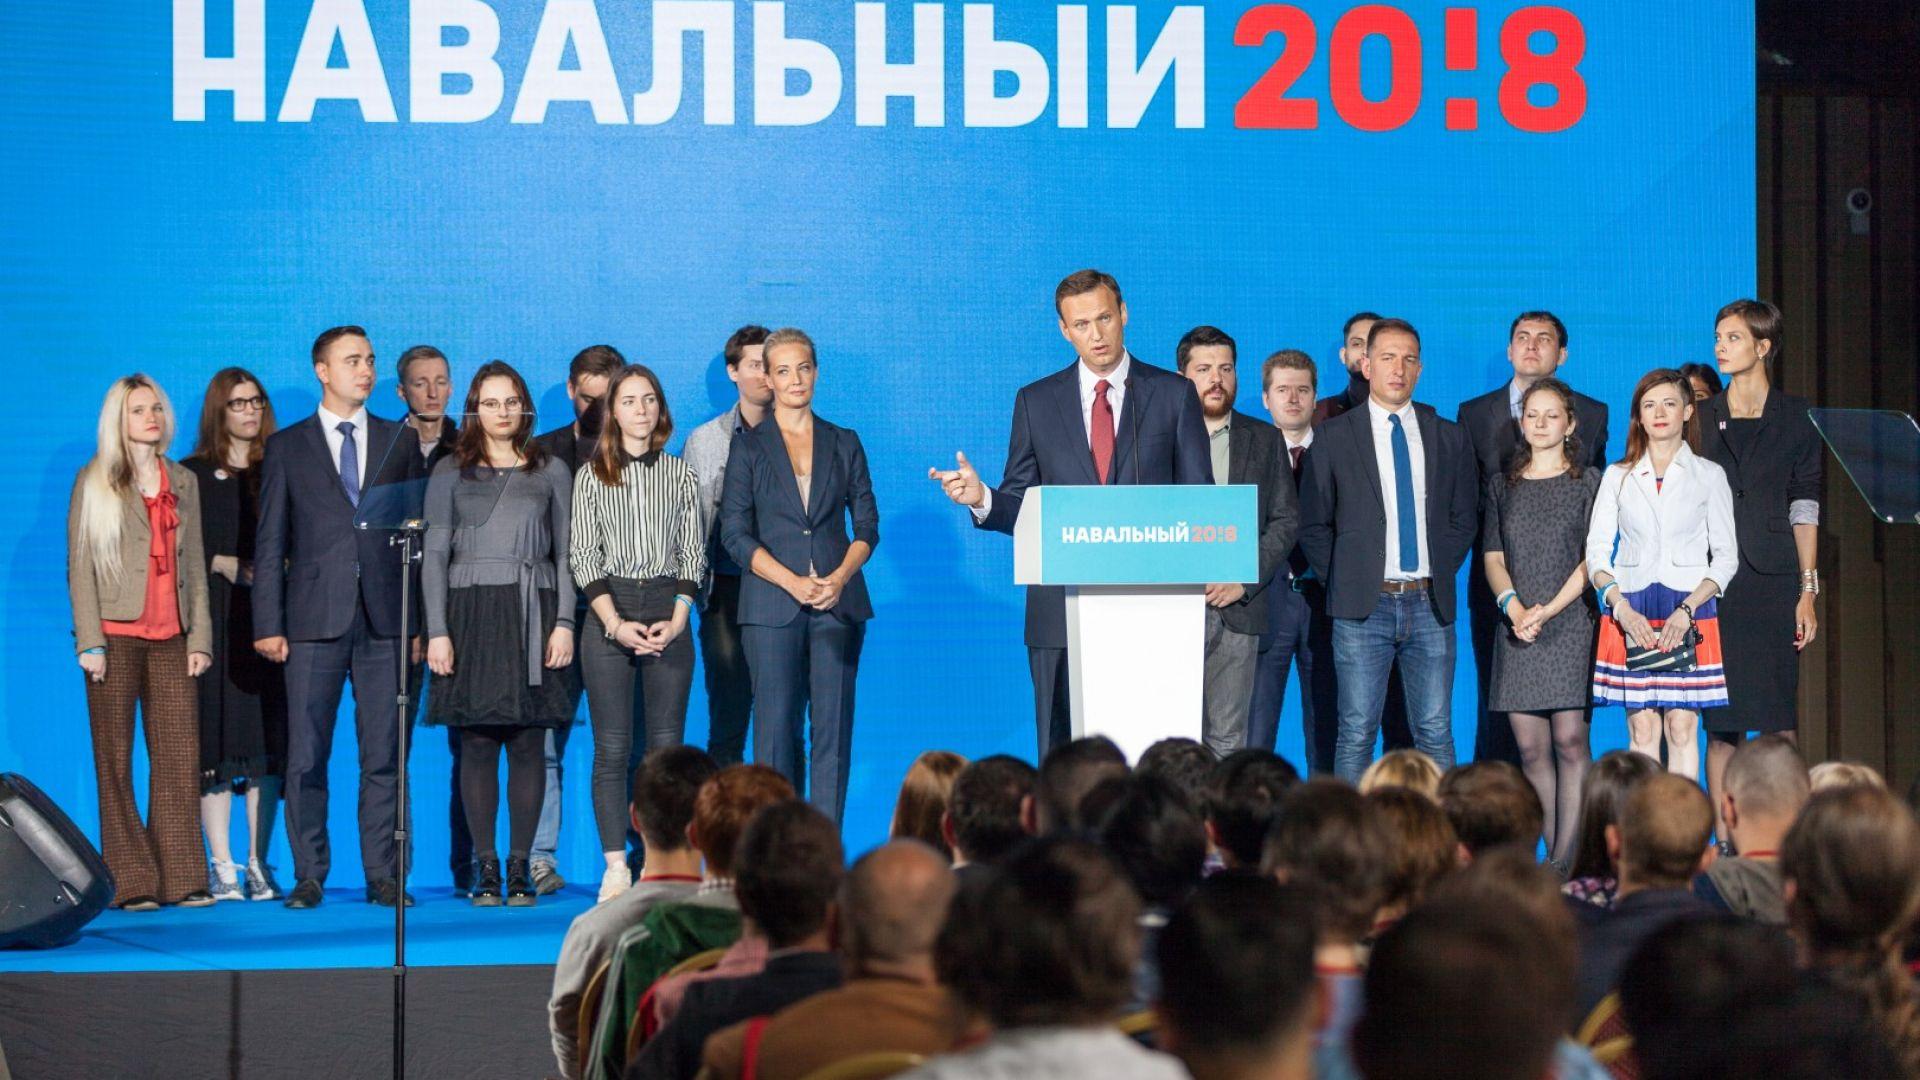 Почина руският бизнесмен Пьотр Офицеров,  съратник на опозиционера  Алексей Навални